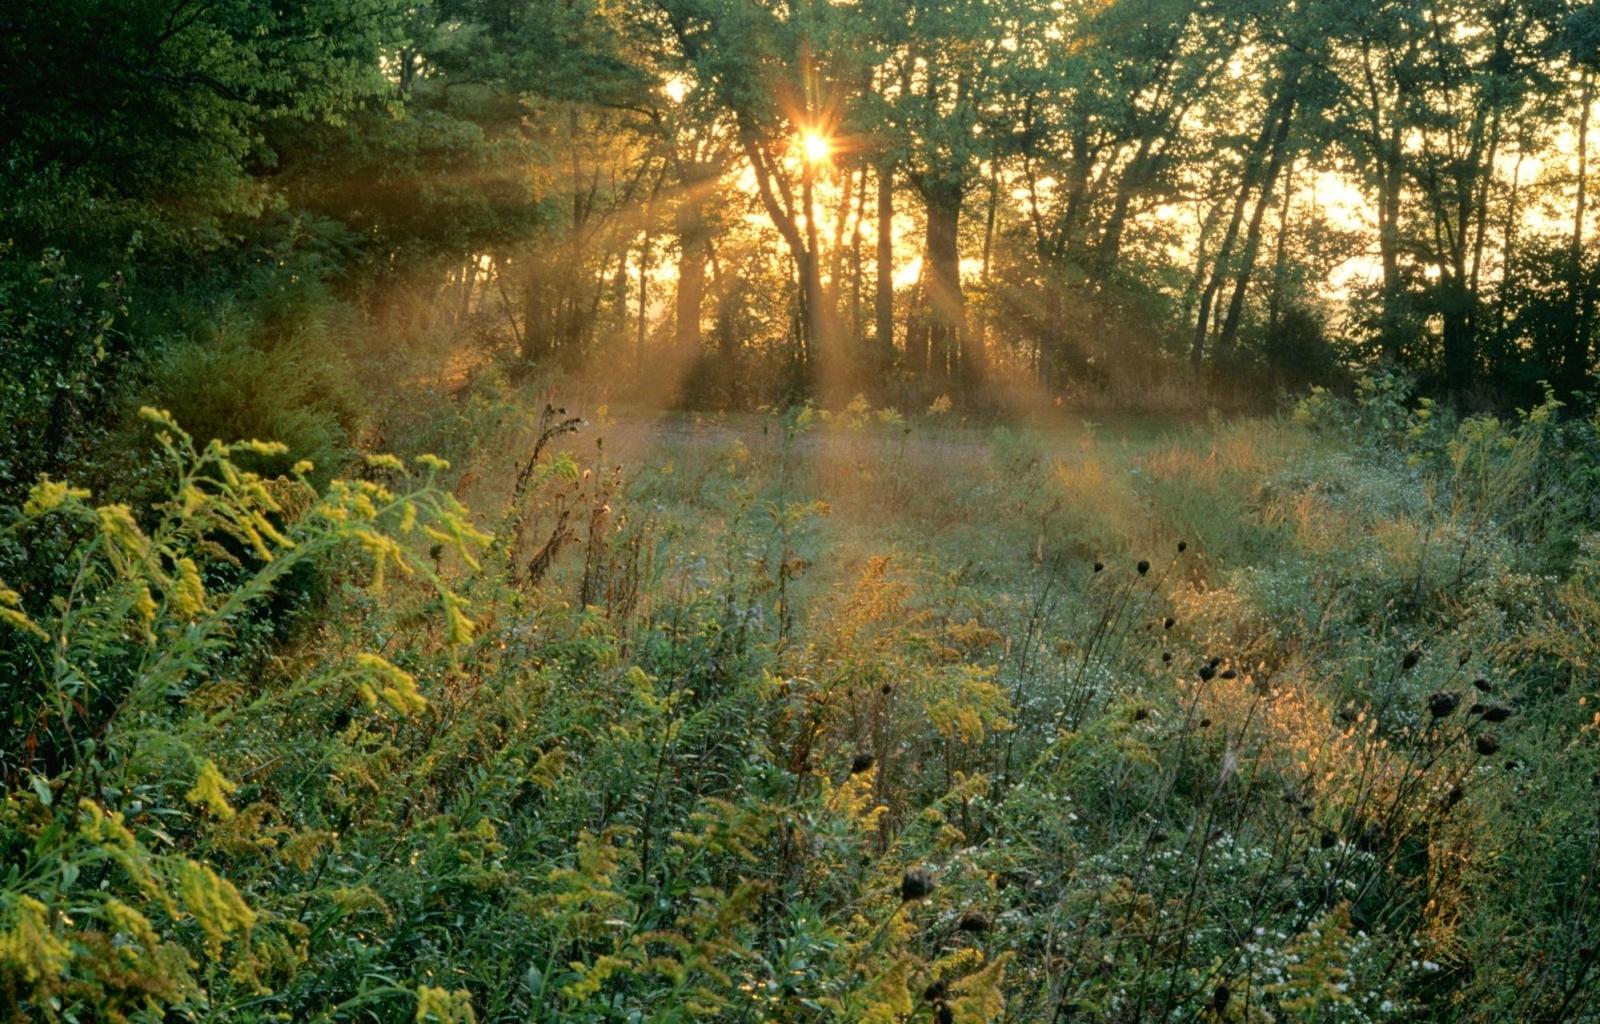 5414 скачать обои Пейзаж, Деревья, Трава, Солнце - заставки и картинки бесплатно